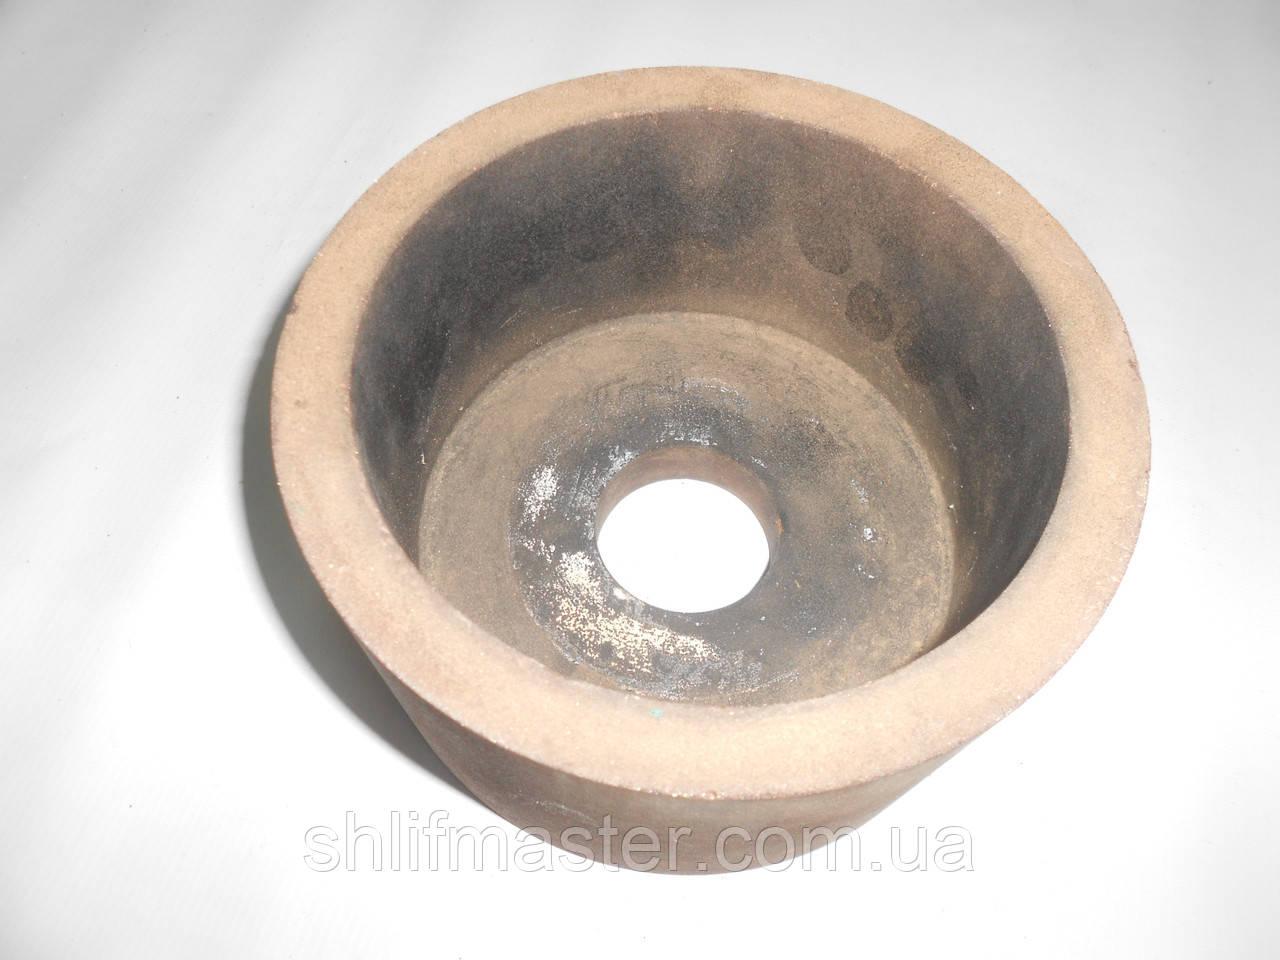 Чашка цилиндрическая ЧЦ 95А керамическая шлифовальная 125х63х51 40 СМ